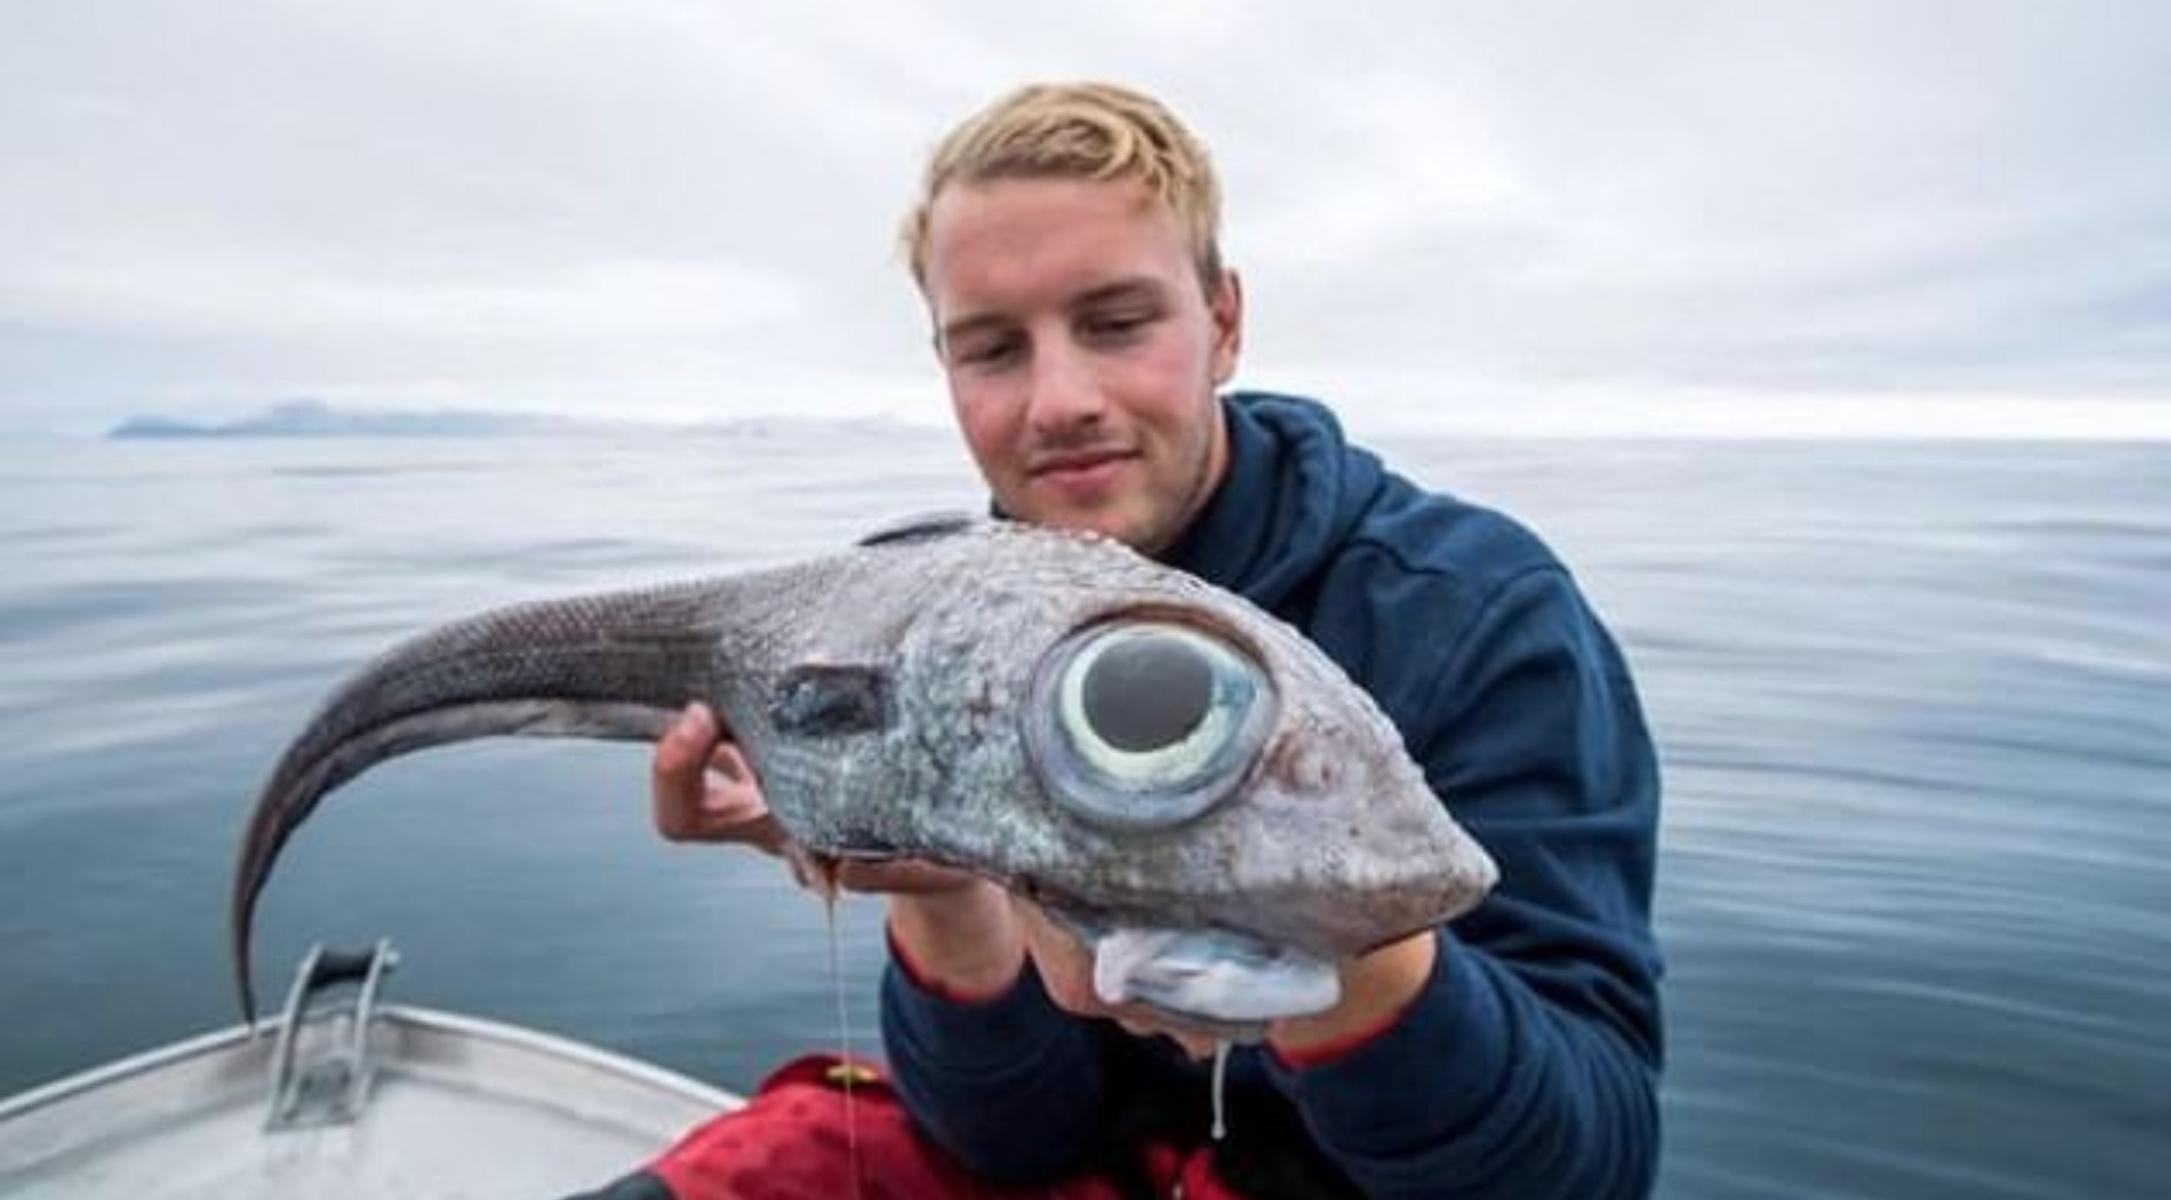 Το ψάρι με τα πελώρια μάτια που κάνει τον γύρο του κόσμου! [pic]